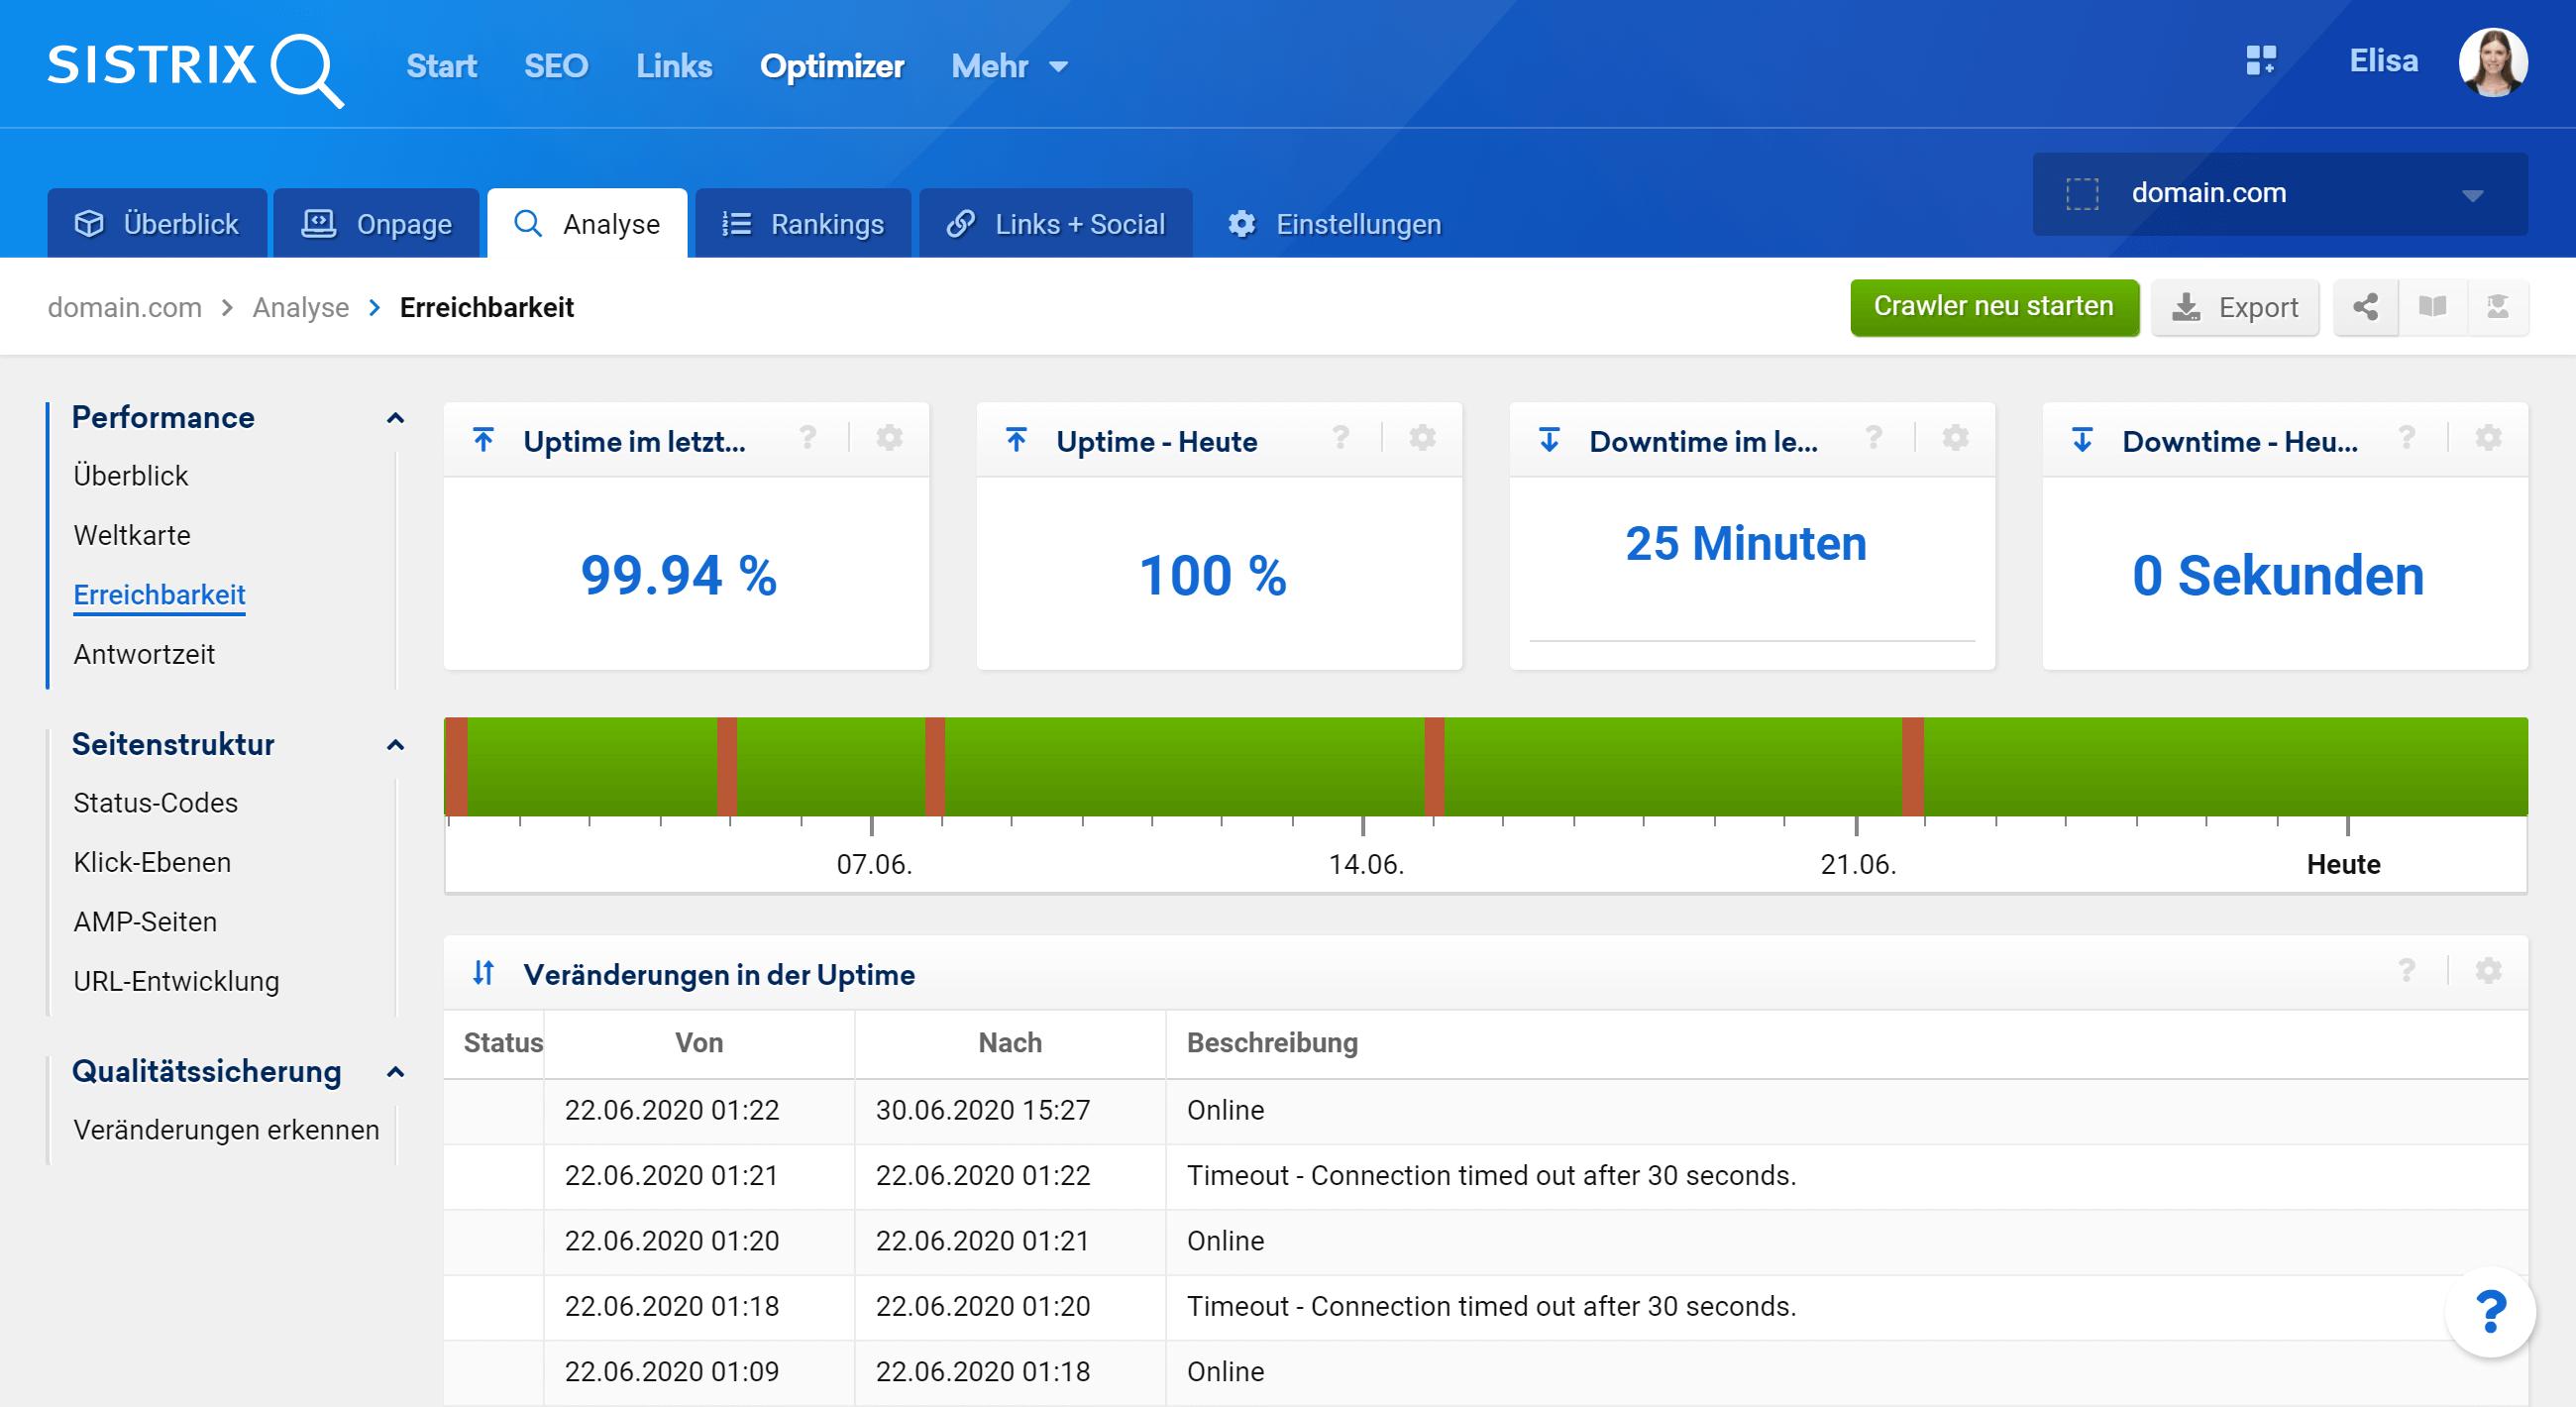 Die Funktion Erreichbarkeit im SISTRIX Optimizer